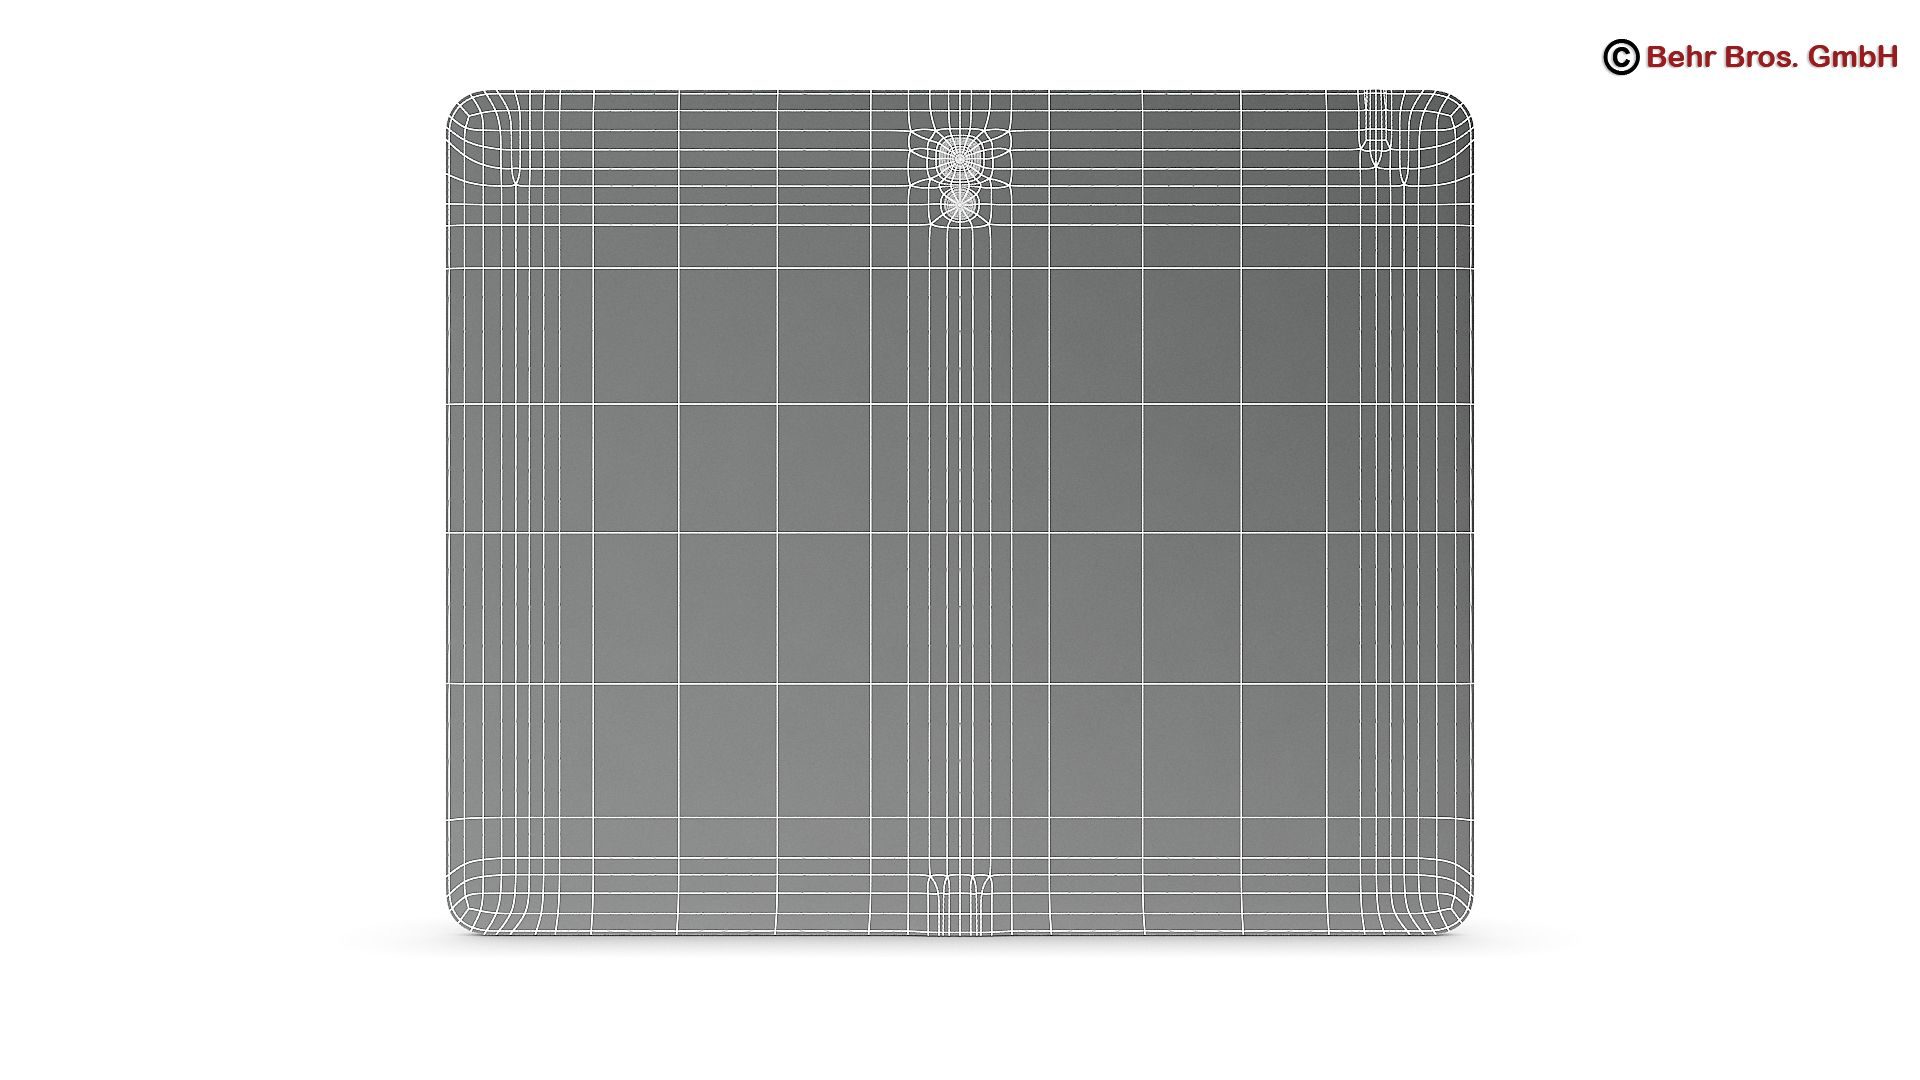 generic tablet 9.7 inch 3d model 3ds max fbx c4d lwo ma mb obj 162914